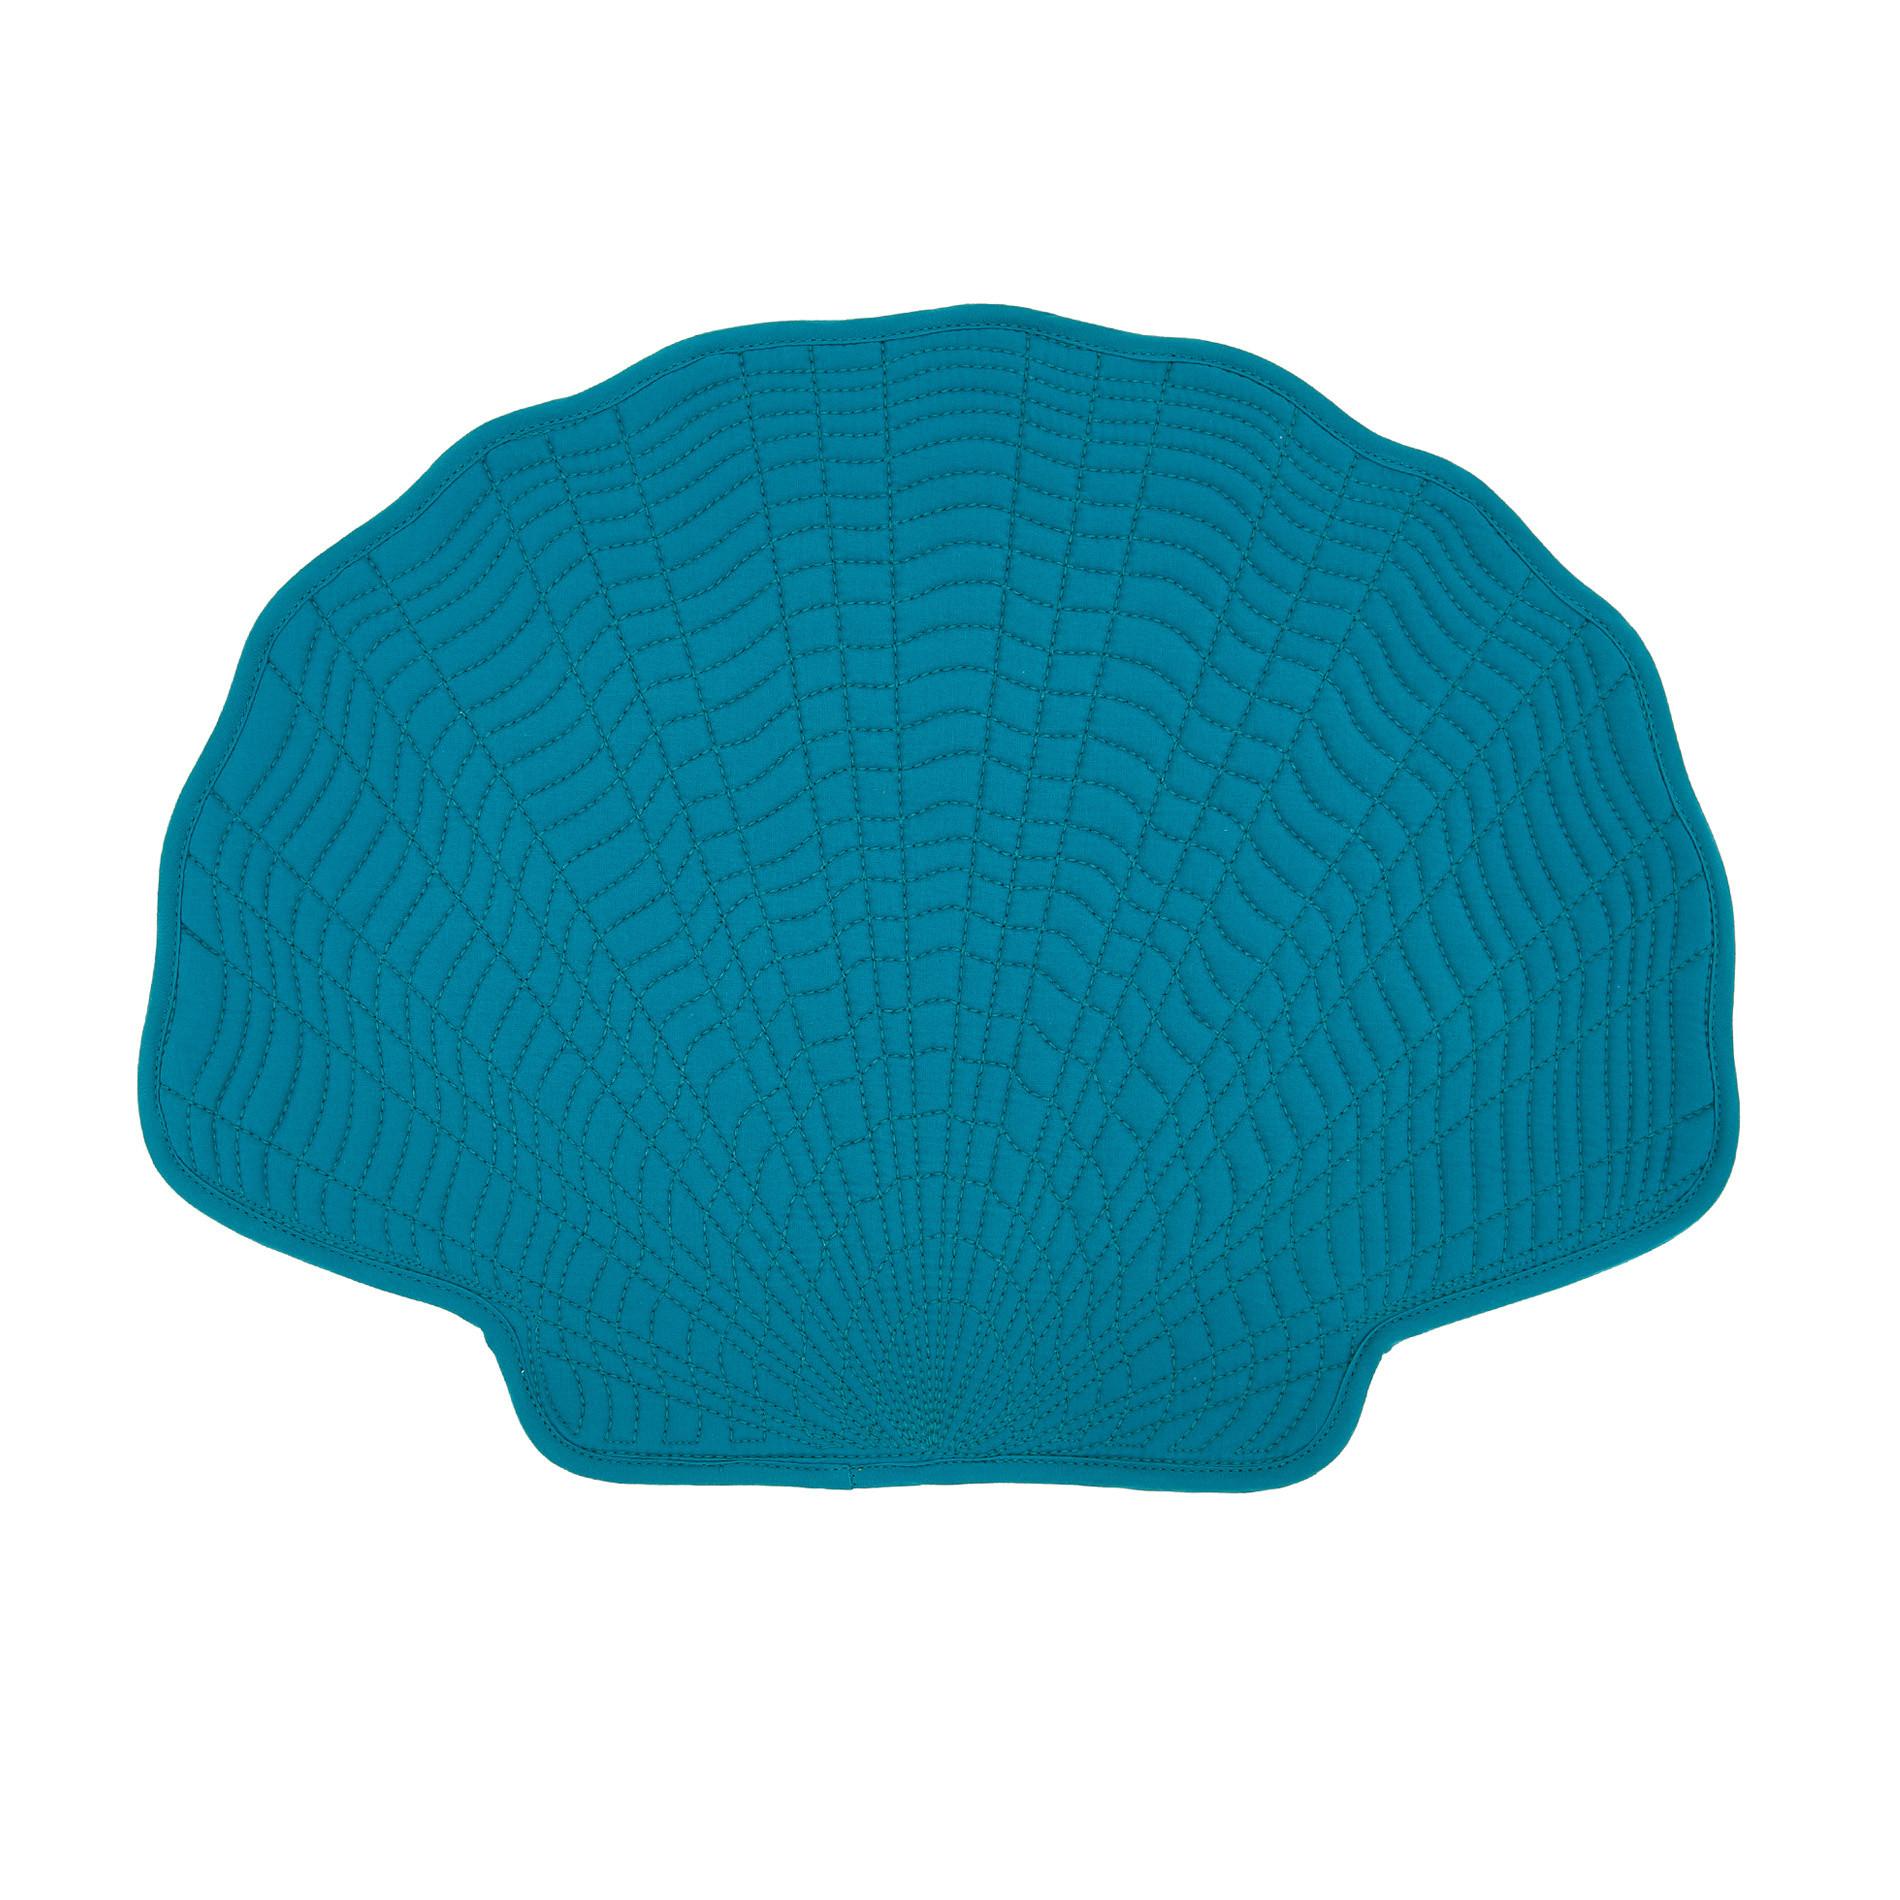 Tovaglietta cotone trapuntato a conchiglia, Blu, large image number 0